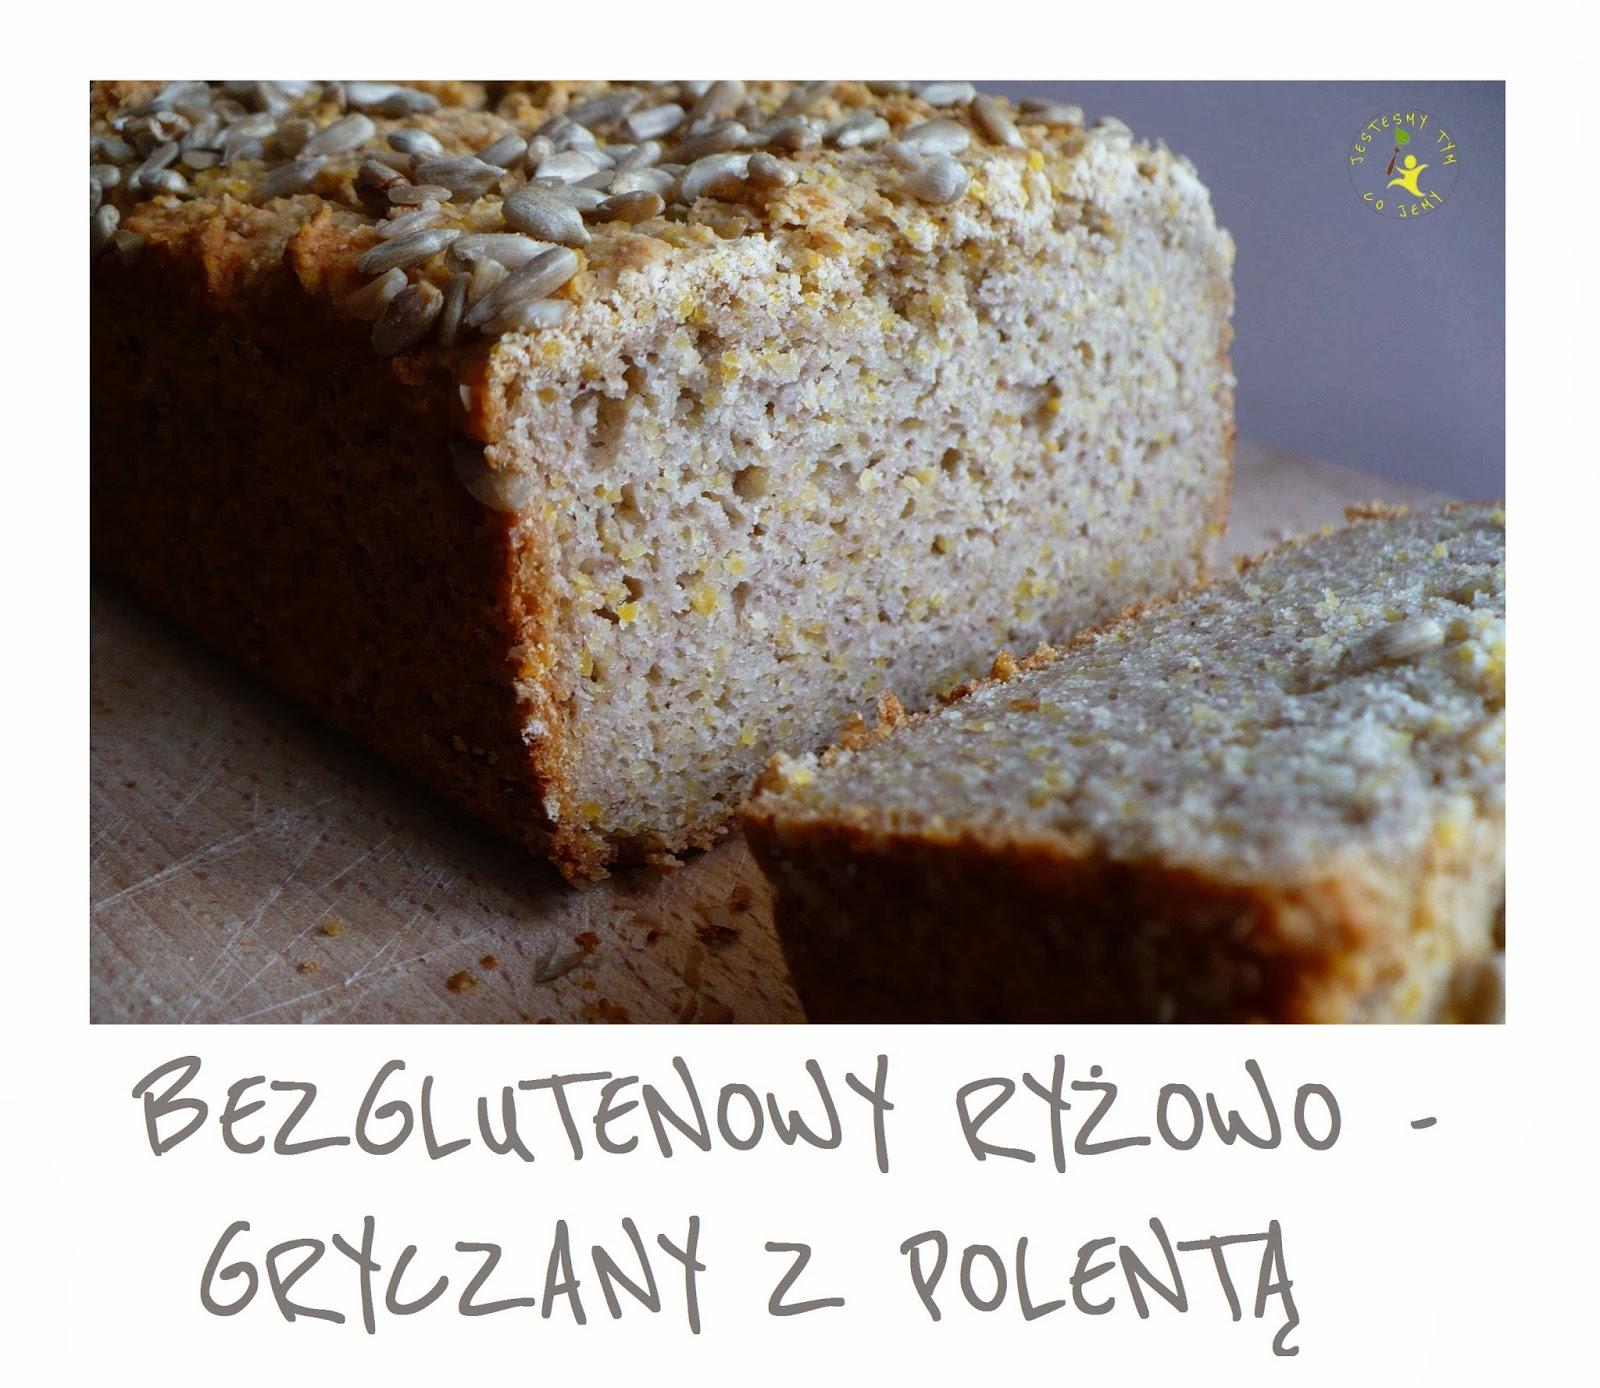 http://jestesmytymcojemy.blogspot.com/2014/02/chleb-bezglutenowy-ryzowo-gryczany-z.html